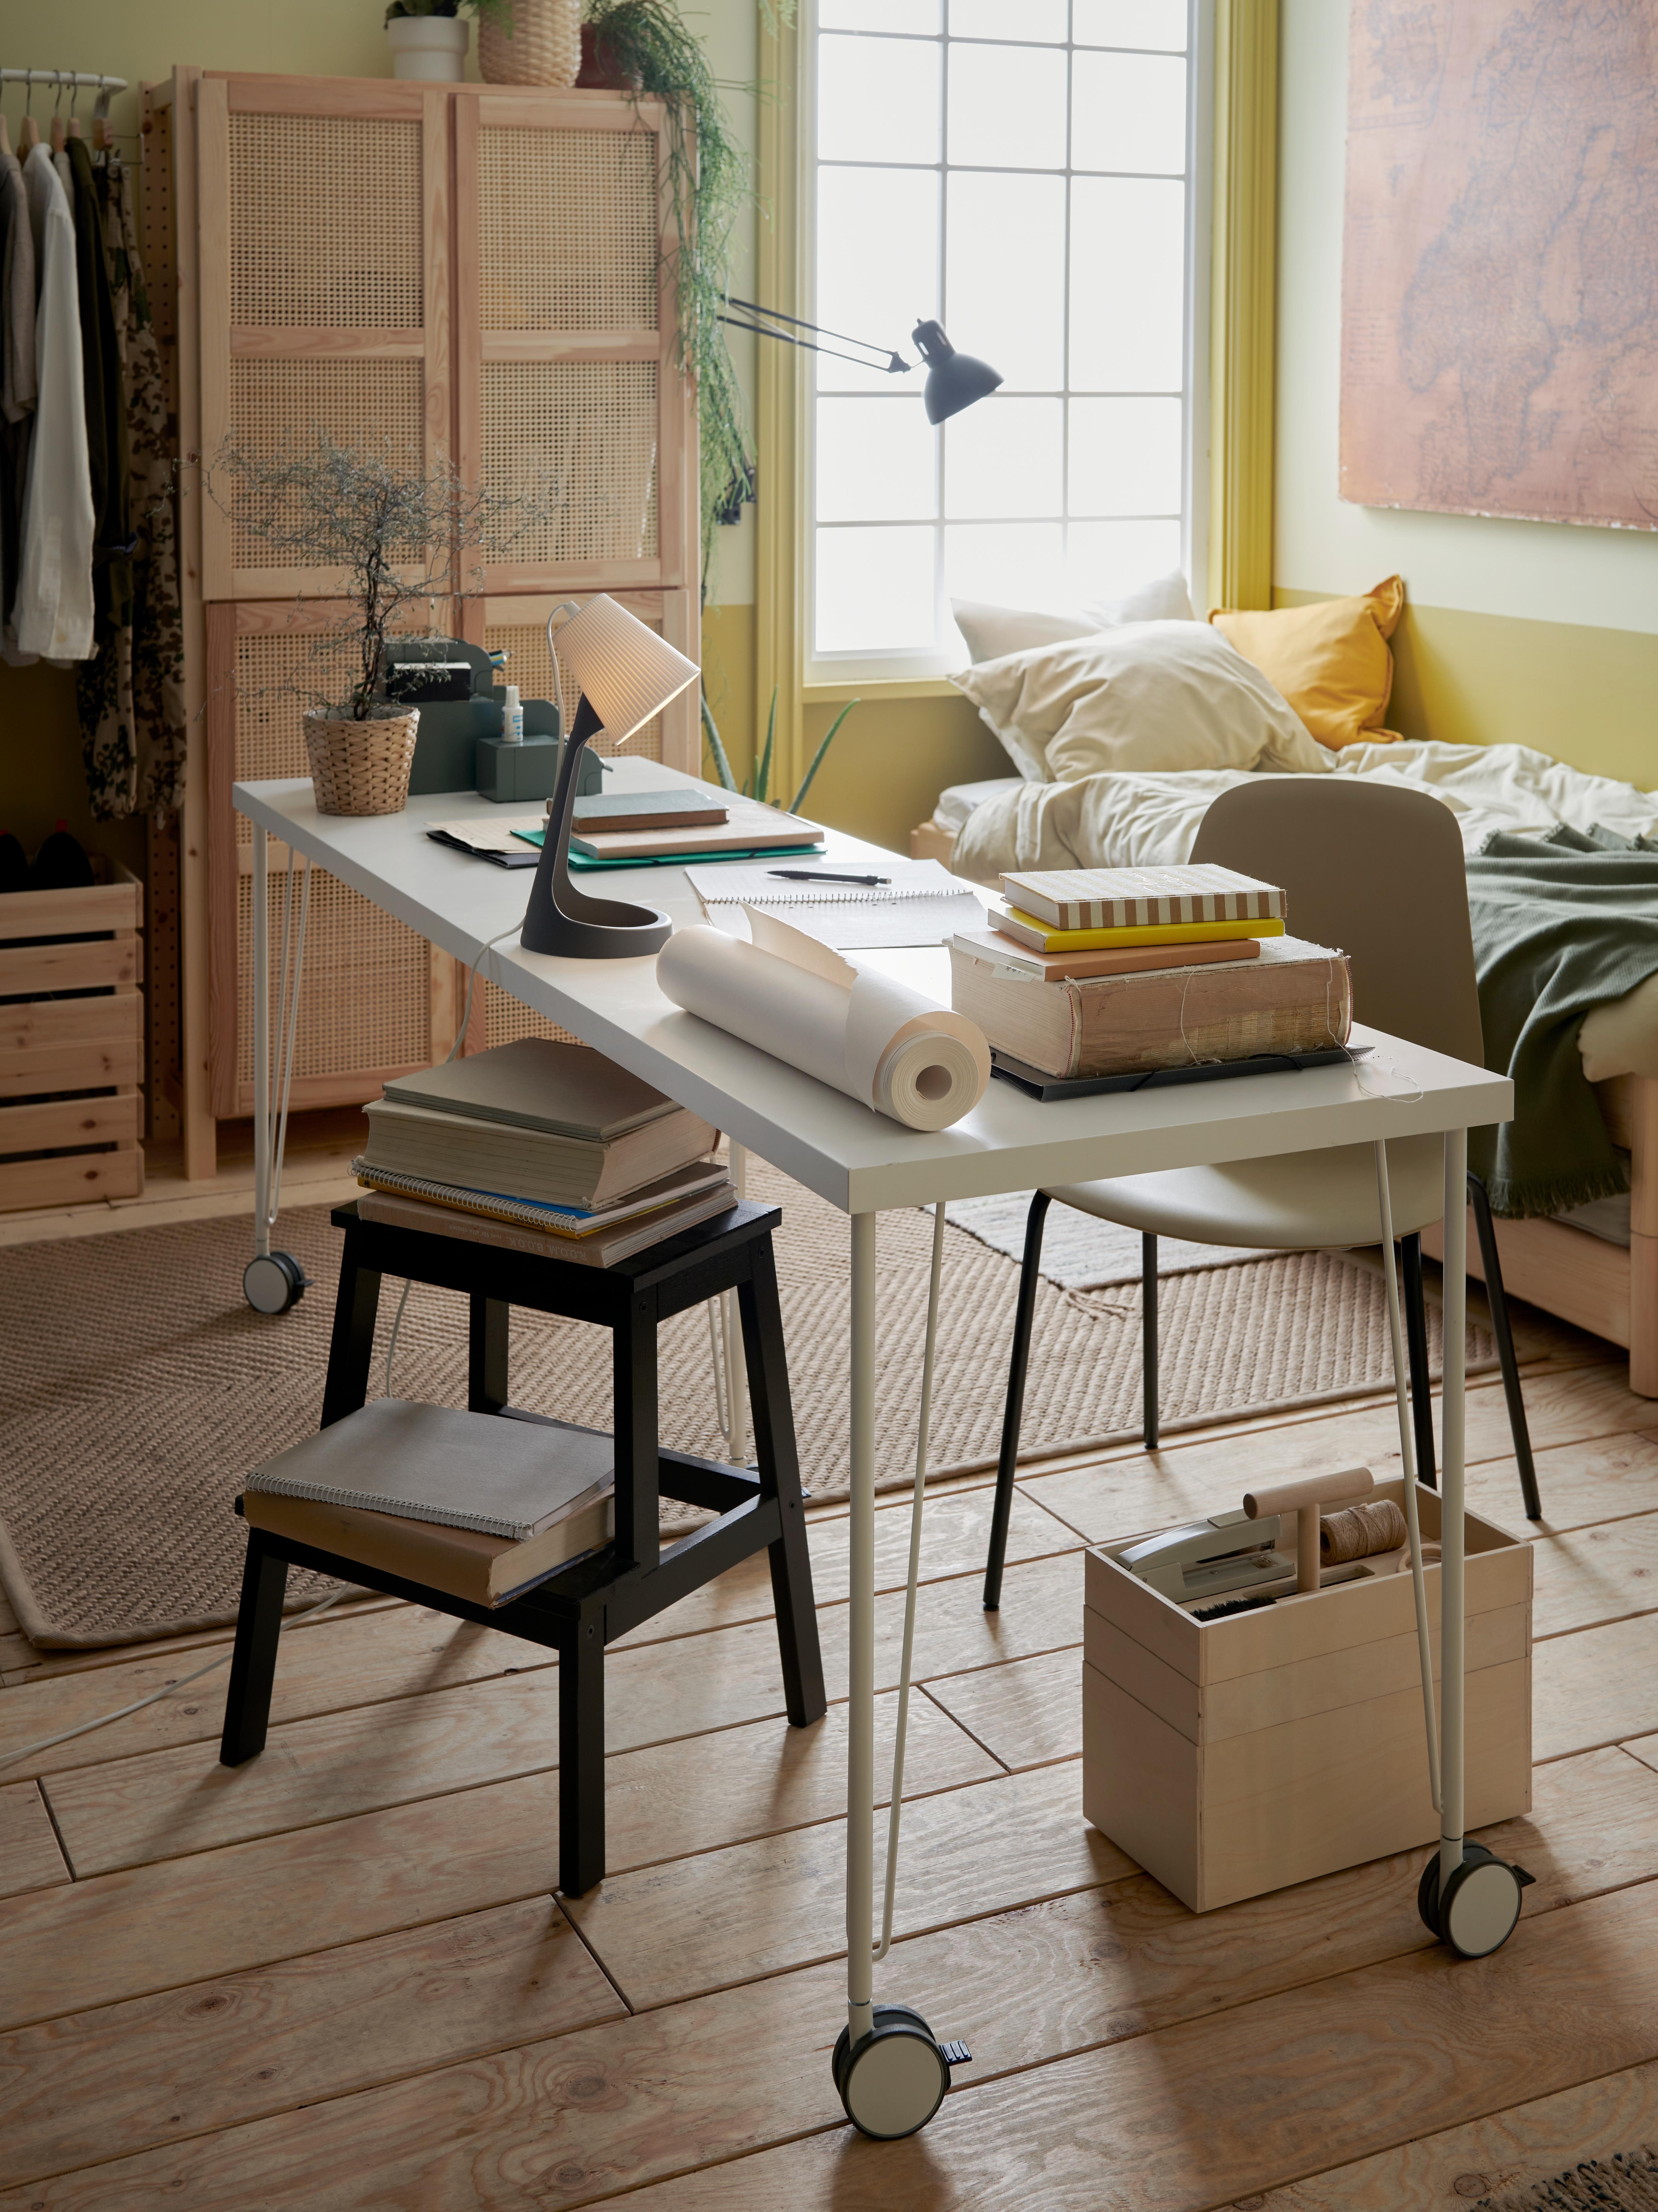 Białe biurko na kółkach ustawione na środku przyjemnie urządzonego pokoju studenckiego z trzypoziomową drewnianą skrzynką na podłodze.